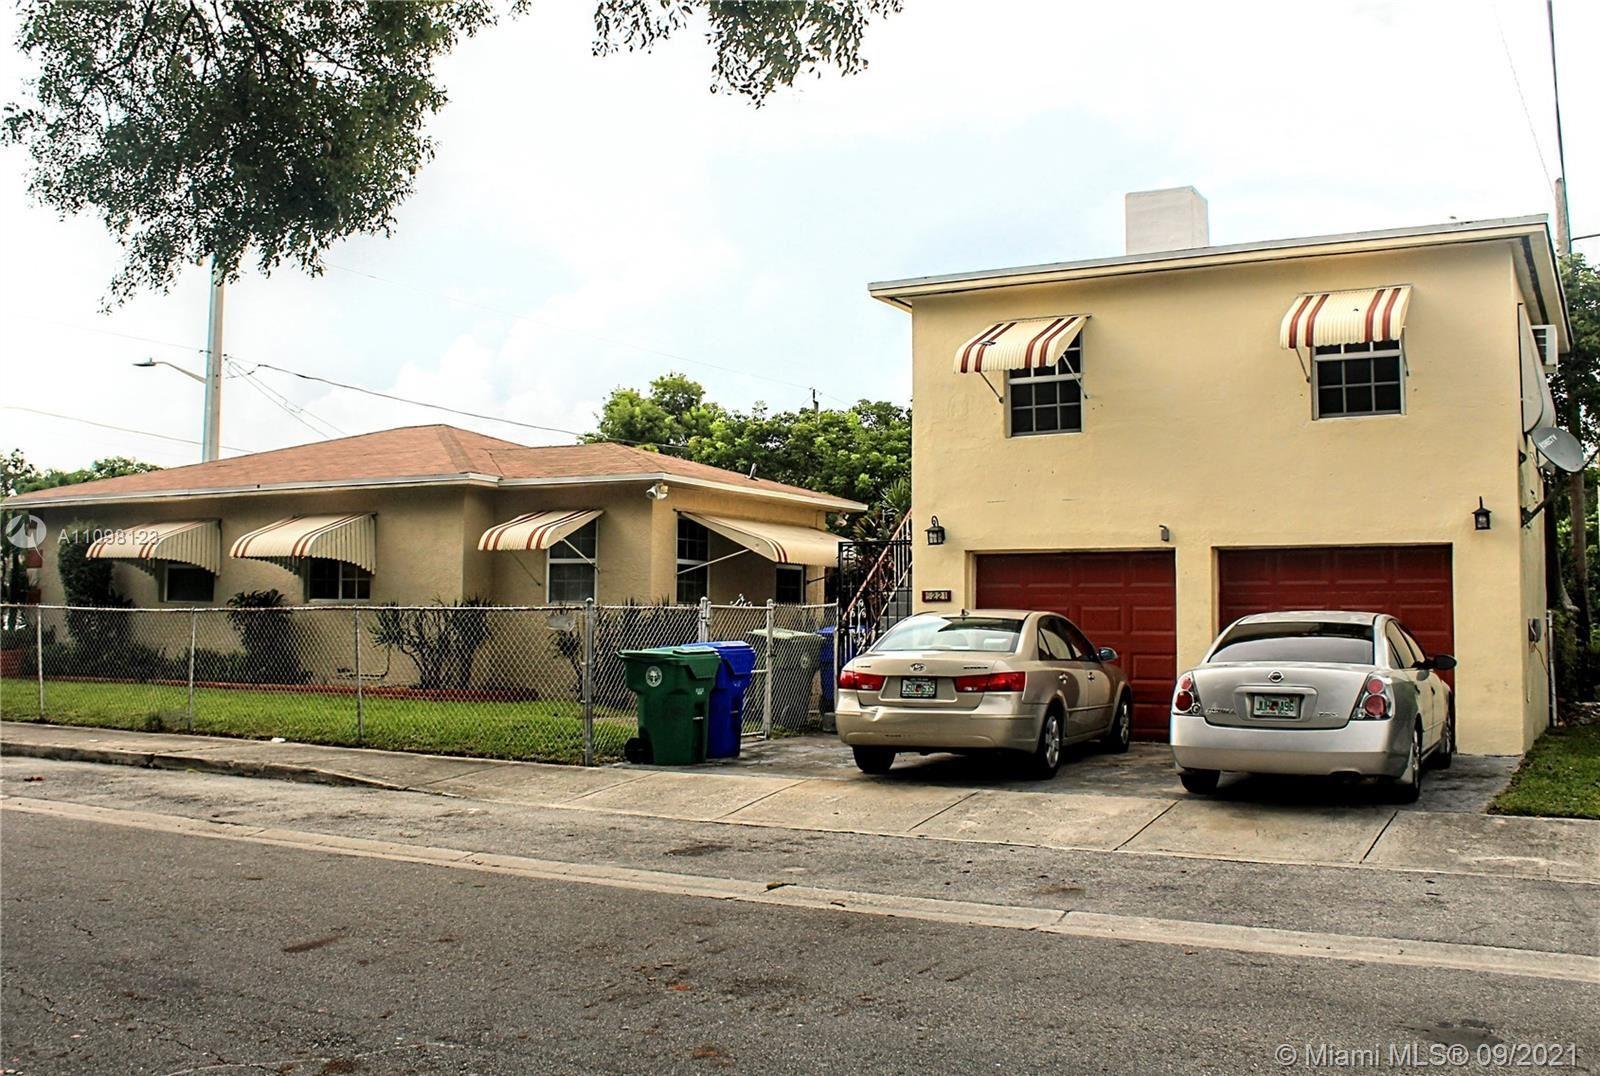 Miami, FL 33142